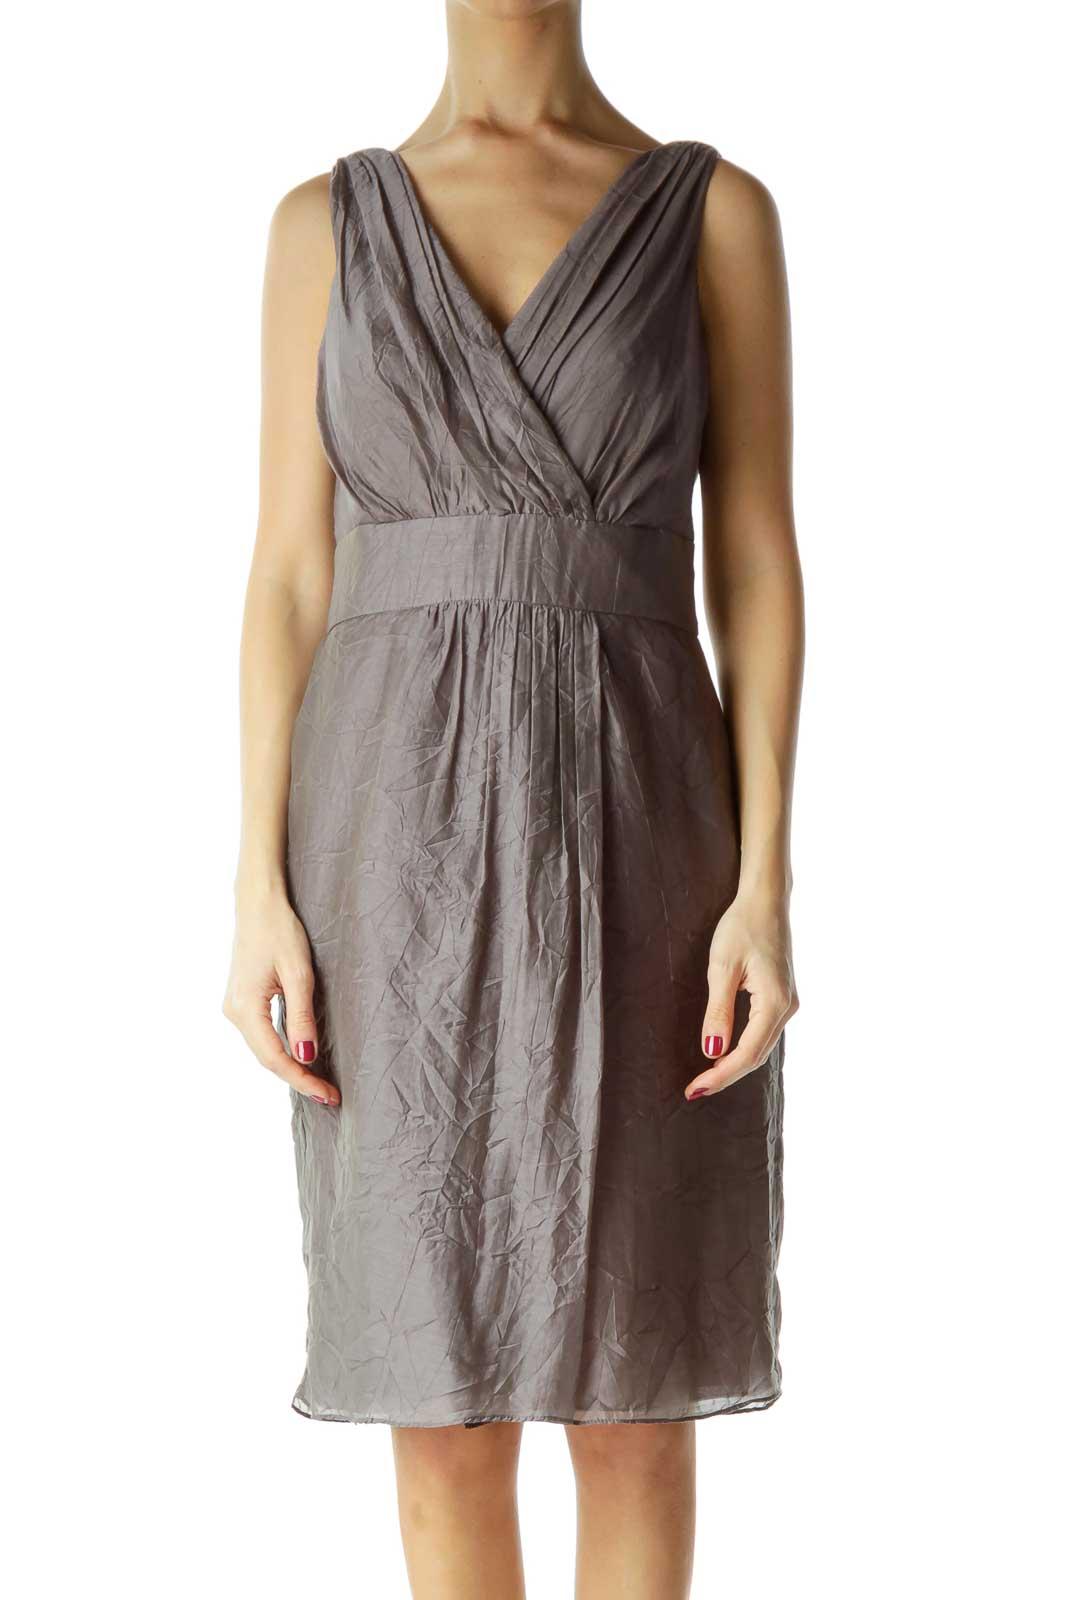 Gray V-Neck Sleeveless Work Dress Front